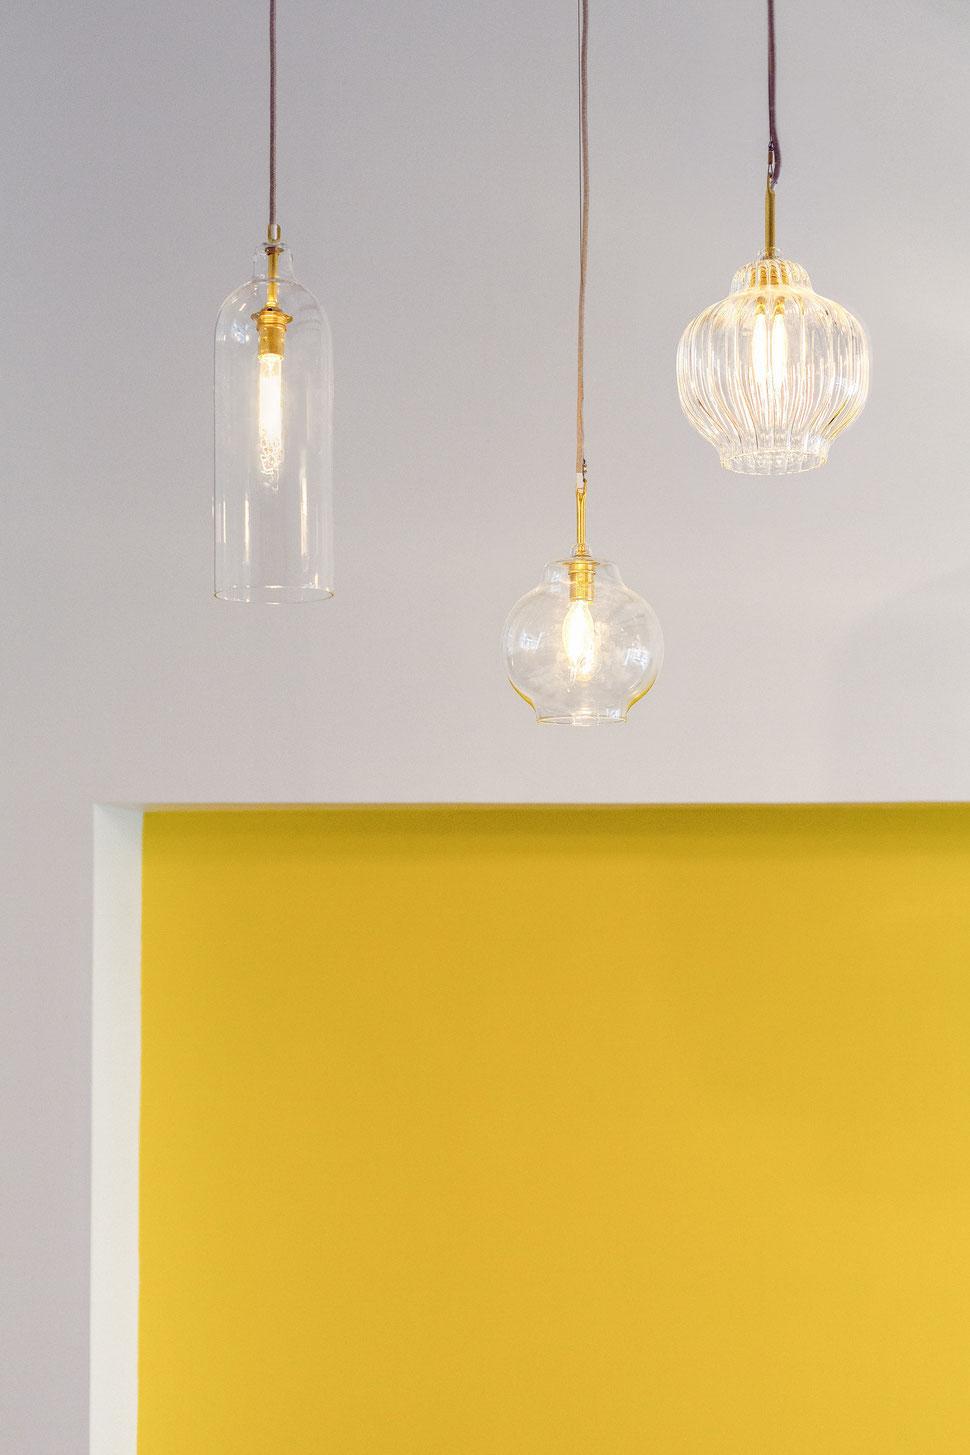 bertrand guillon architecture - architecte - marseille - Fietje - bar à bières - beer bar - mur jaune - verre soufflé - suspensions en verre - bar - bière -ampoule à filament